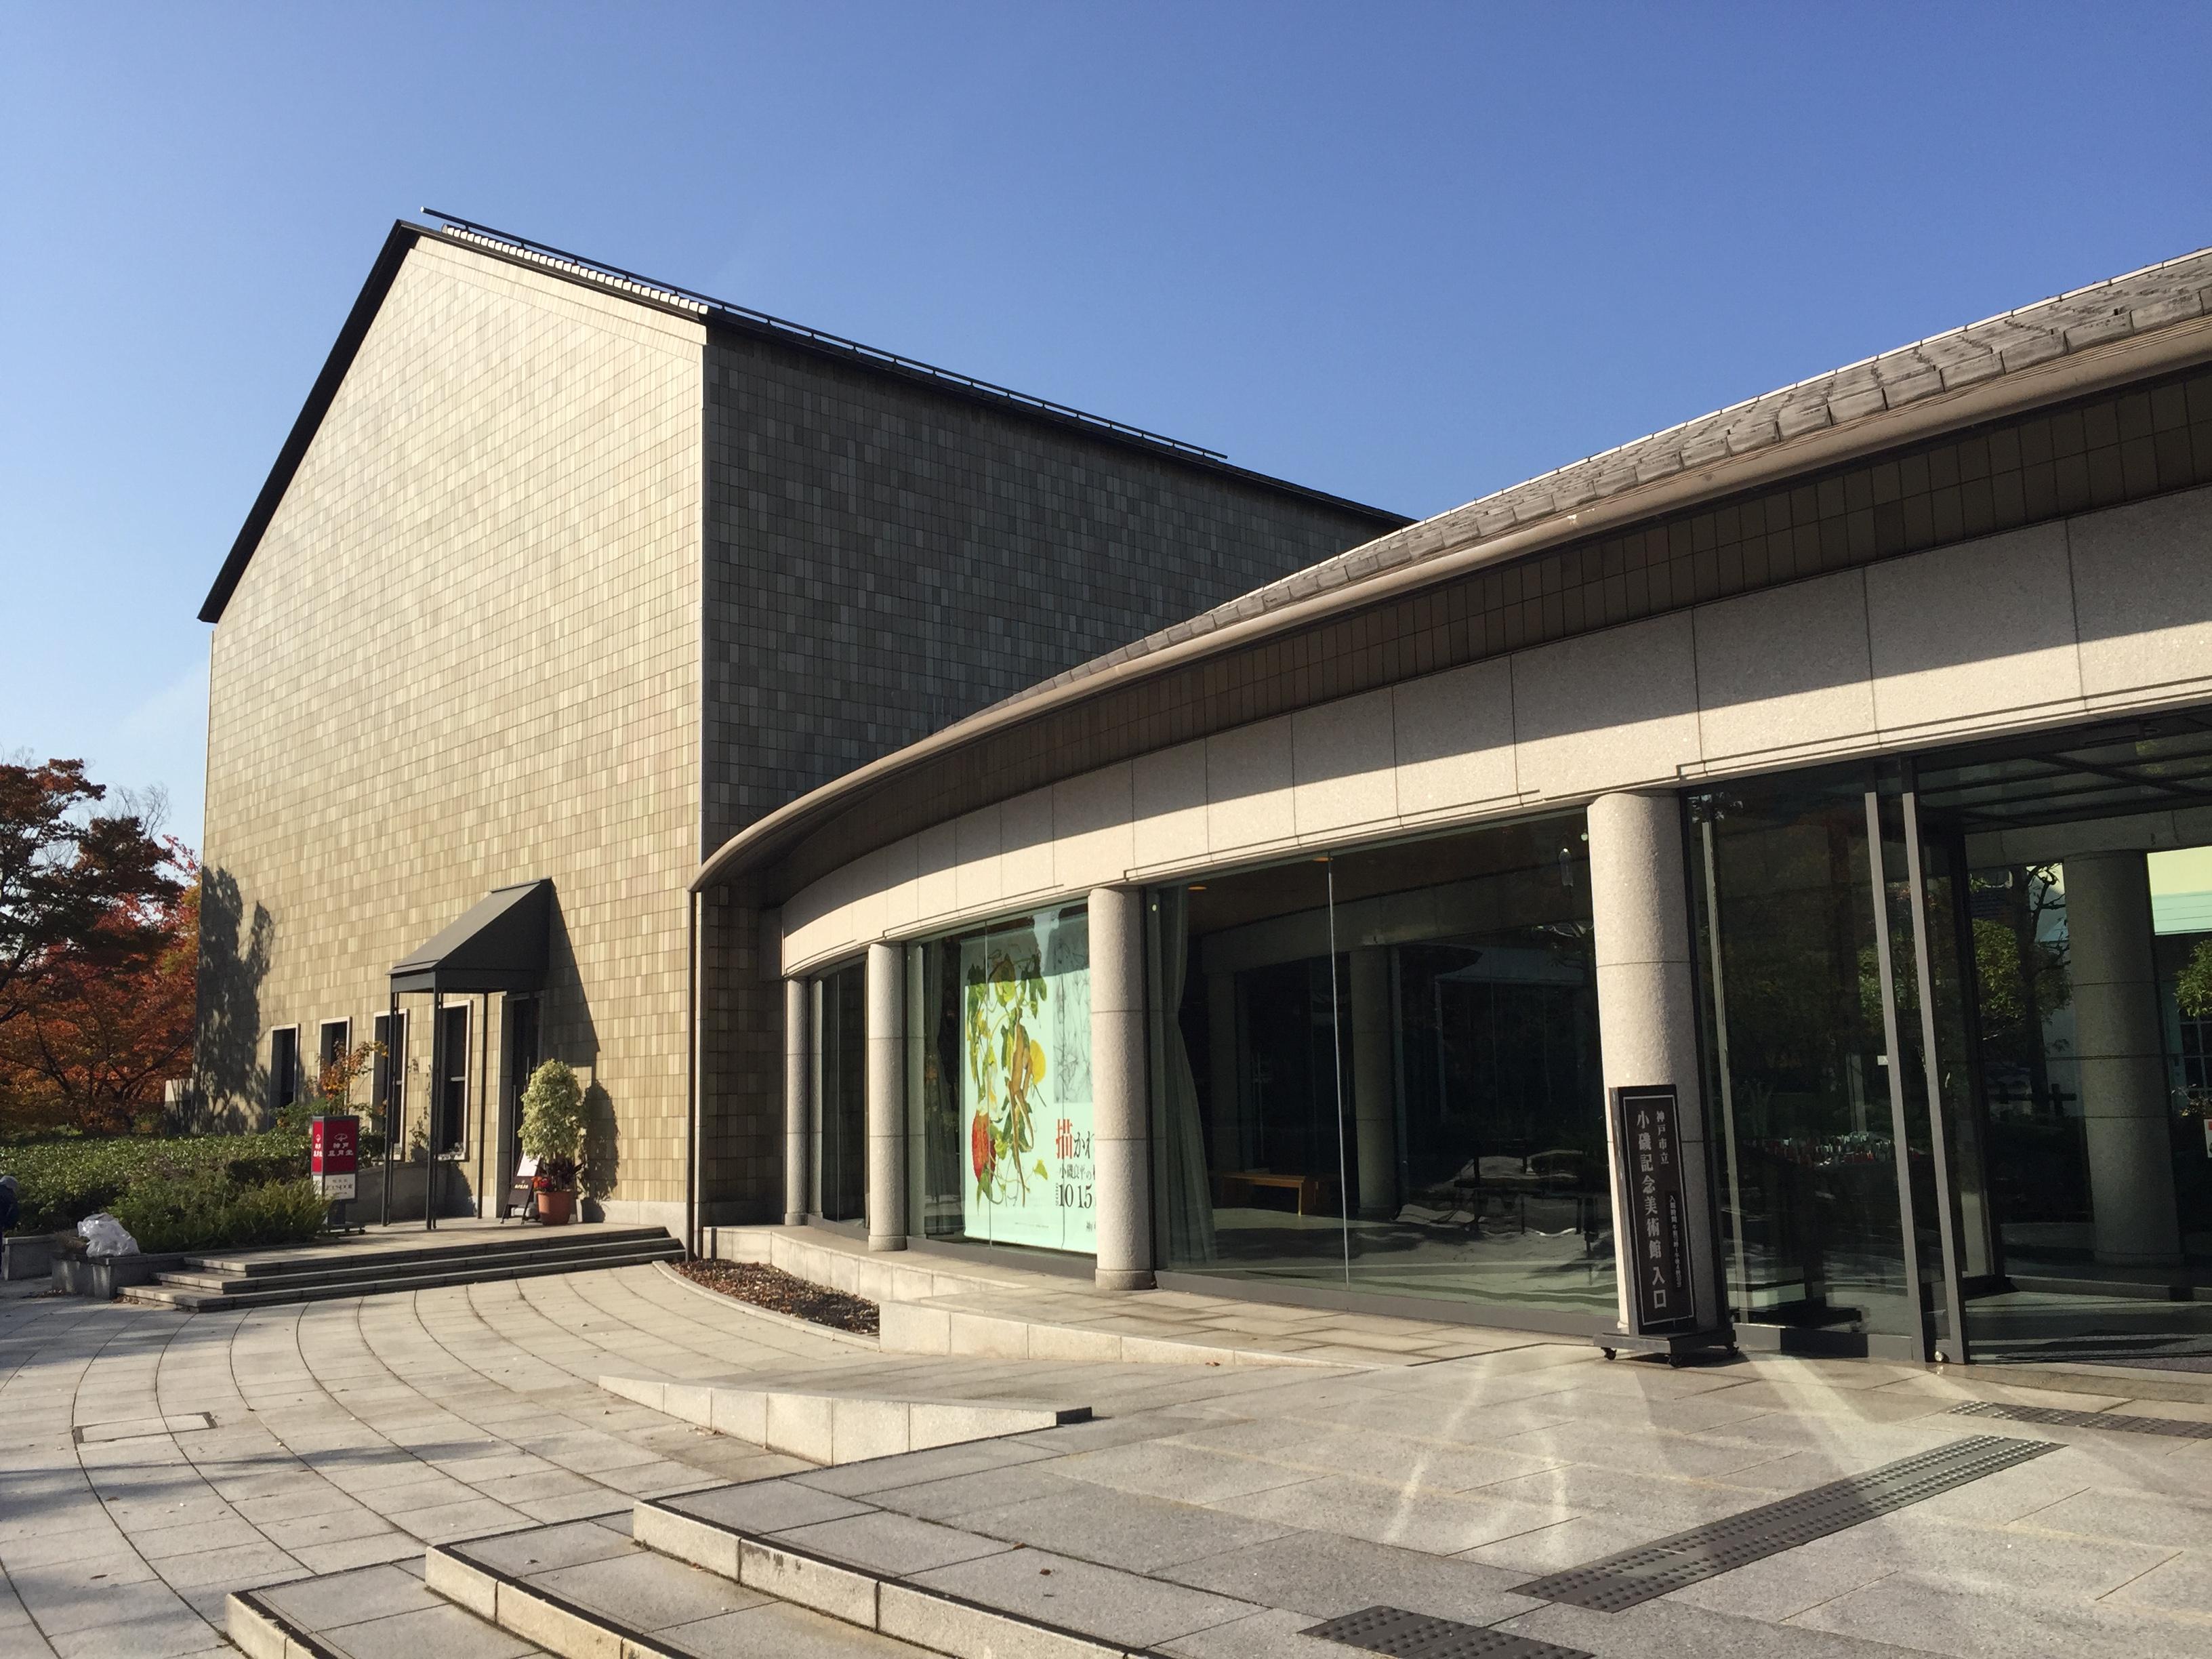 神戸市立小磯記念美術館:特別展「描かれた花々ー小磯良平の植物画を中心にー」を鑑賞したよ【神戸東灘アートマンス対象】